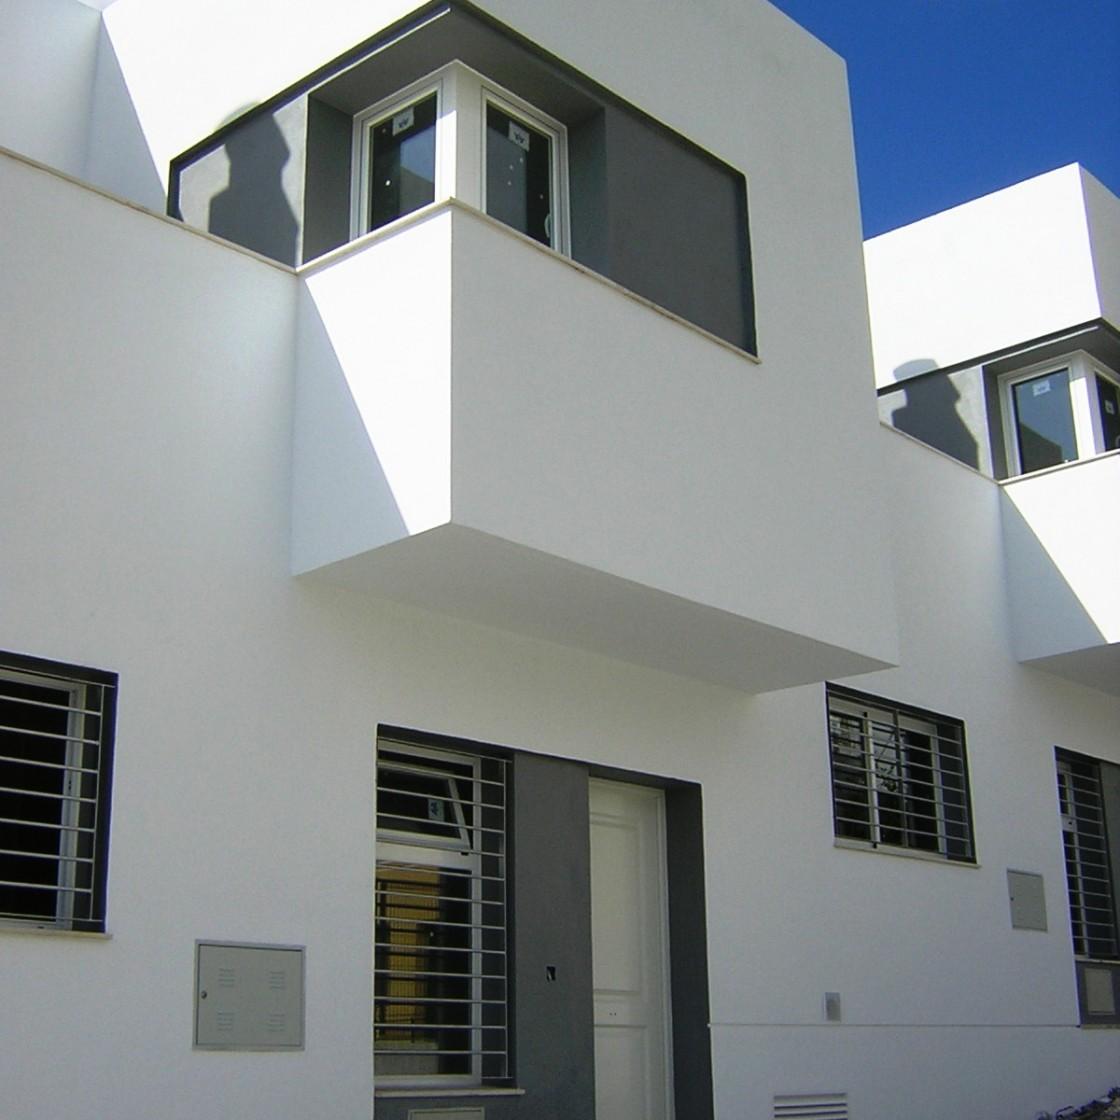 6 viviendas de protección oficial en Benalup CV